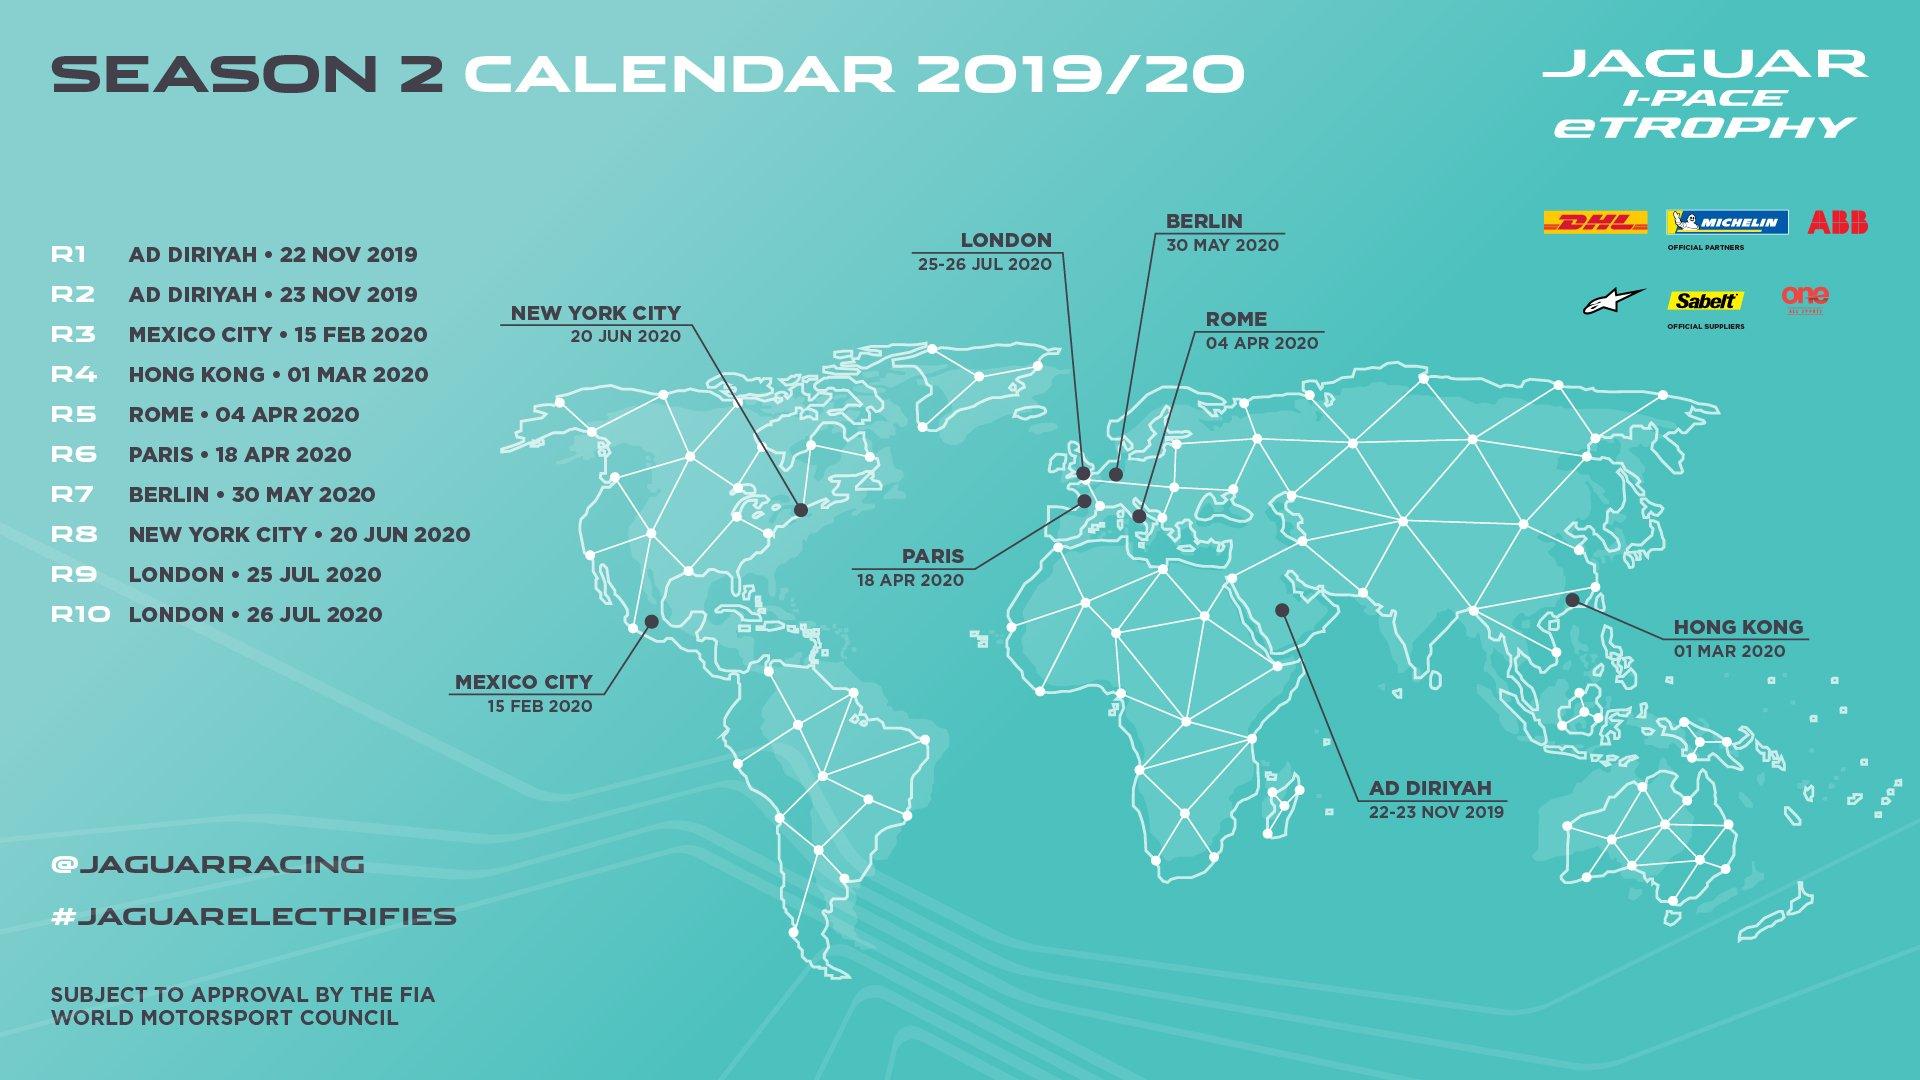 Calendrier Formule E 2020.Autres Le Calendrier De La Saison 2019 20 Du Jaguar I Pace